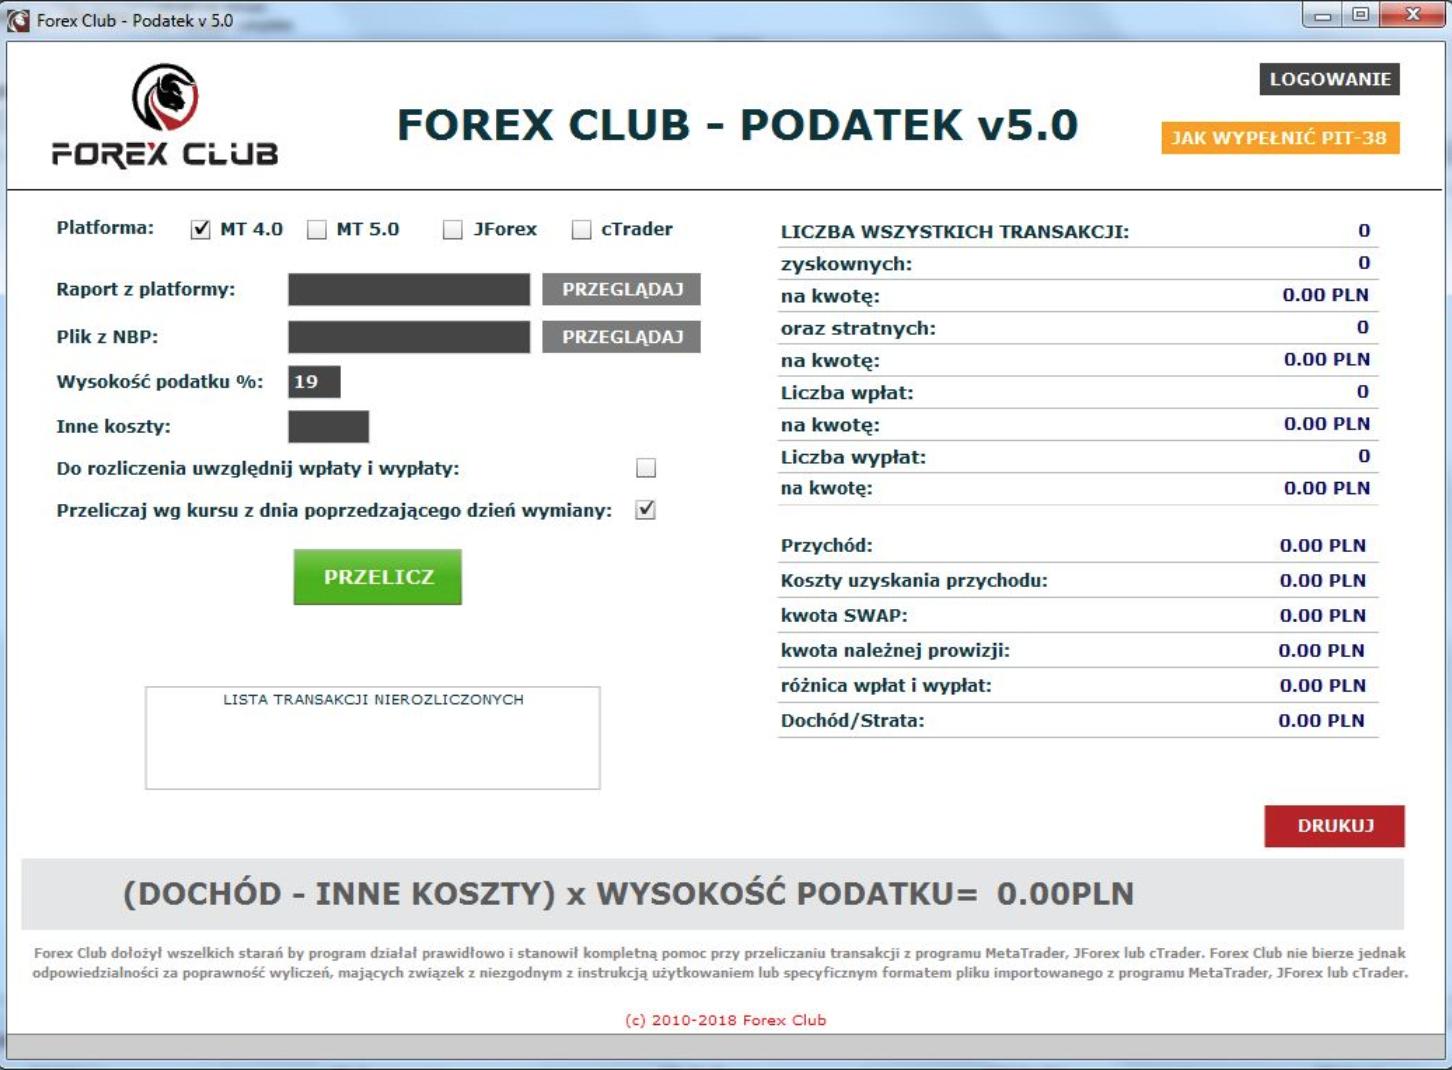 Forex Club - Podatek 5.0 - na rok podatkowy 2018